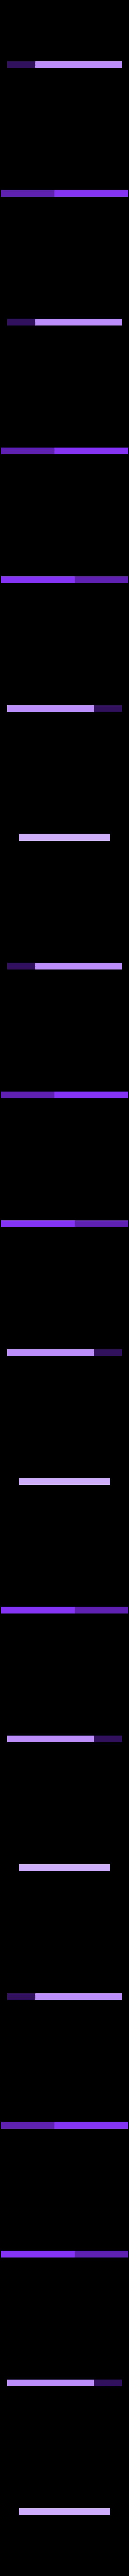 M6__test_plate.STL Télécharger fichier STL gratuit Test CAPTIVE NUTS • Design imprimable en 3D, daGHIZmo